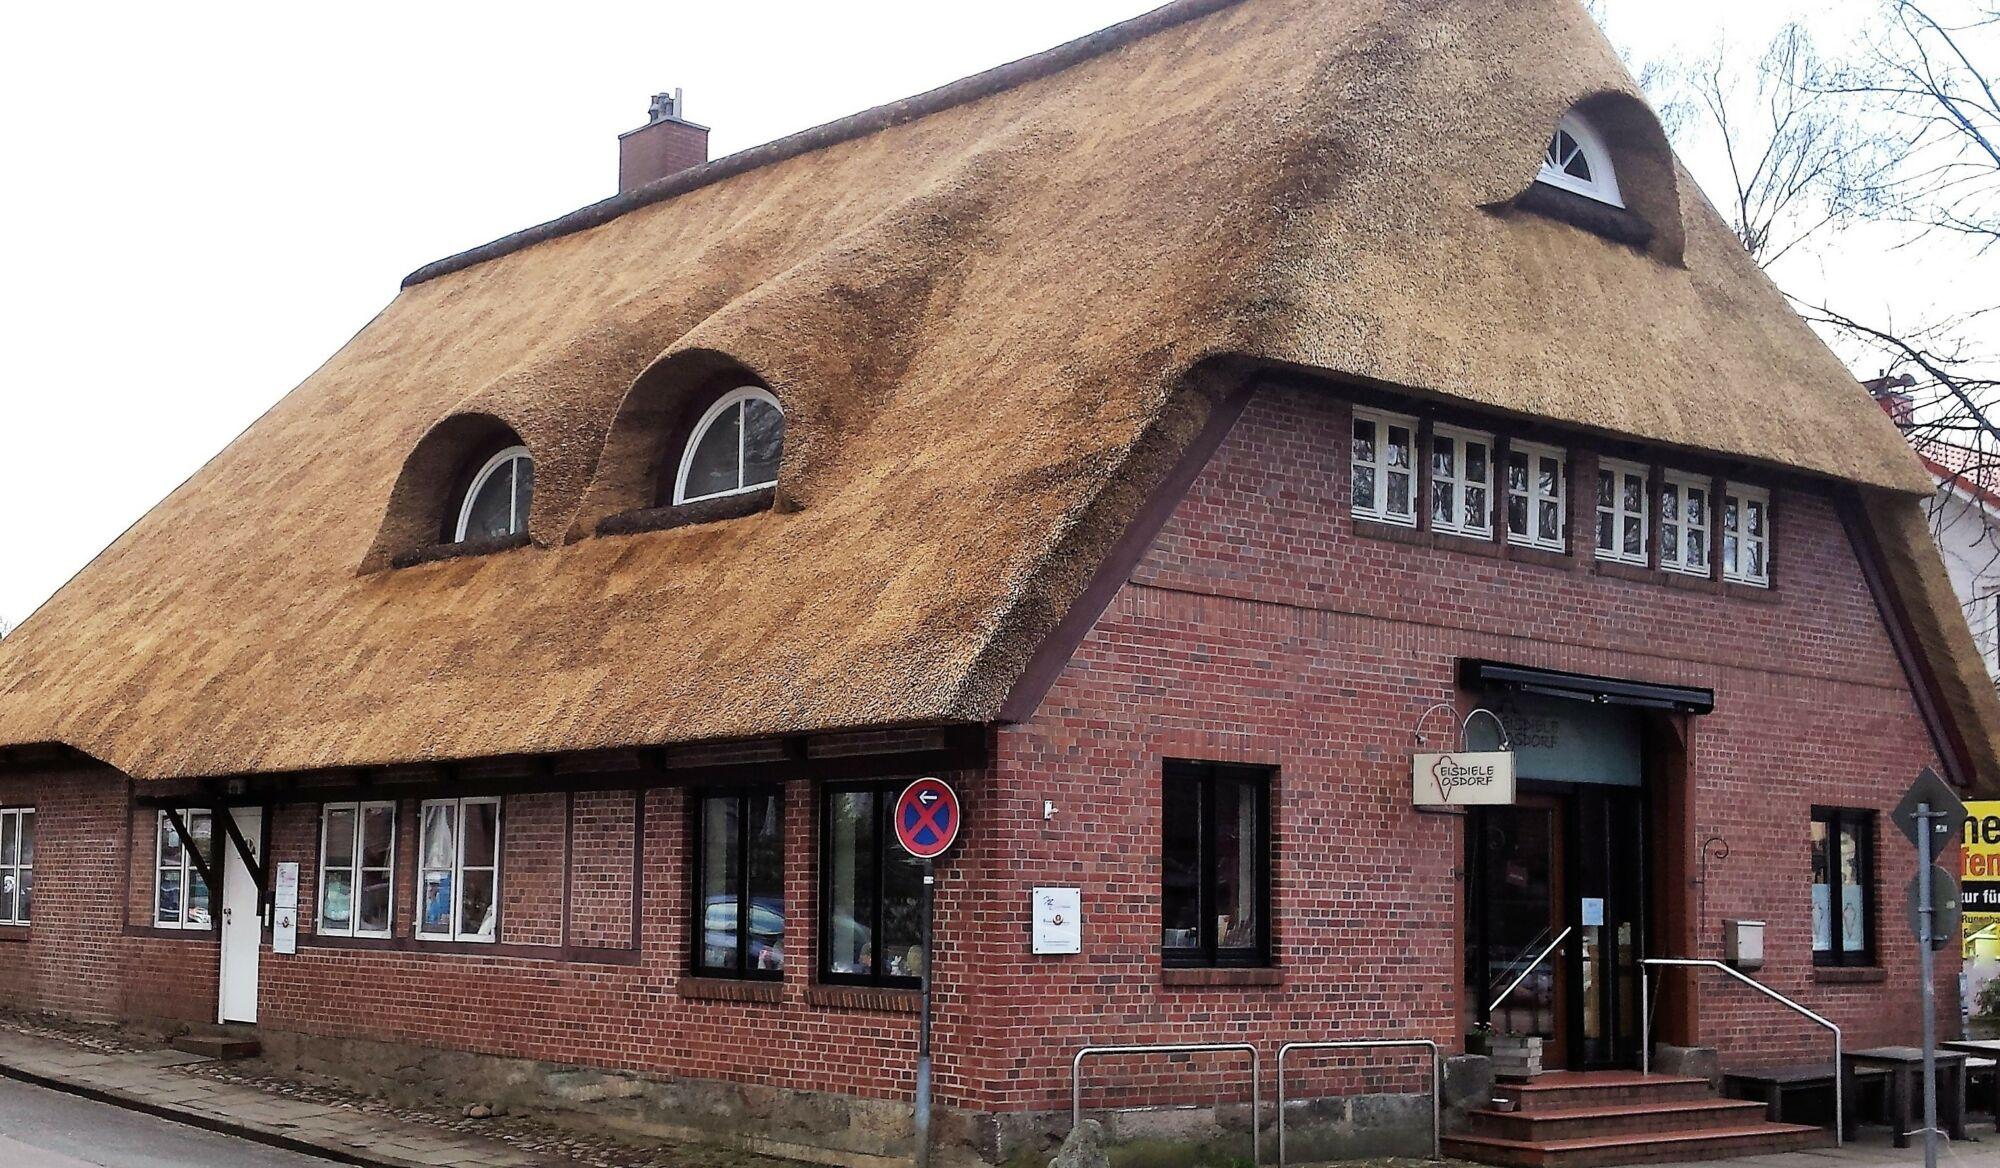 Reetdachdeckerei-Ehmann-Wedel-Hamburg-Reetdach-06